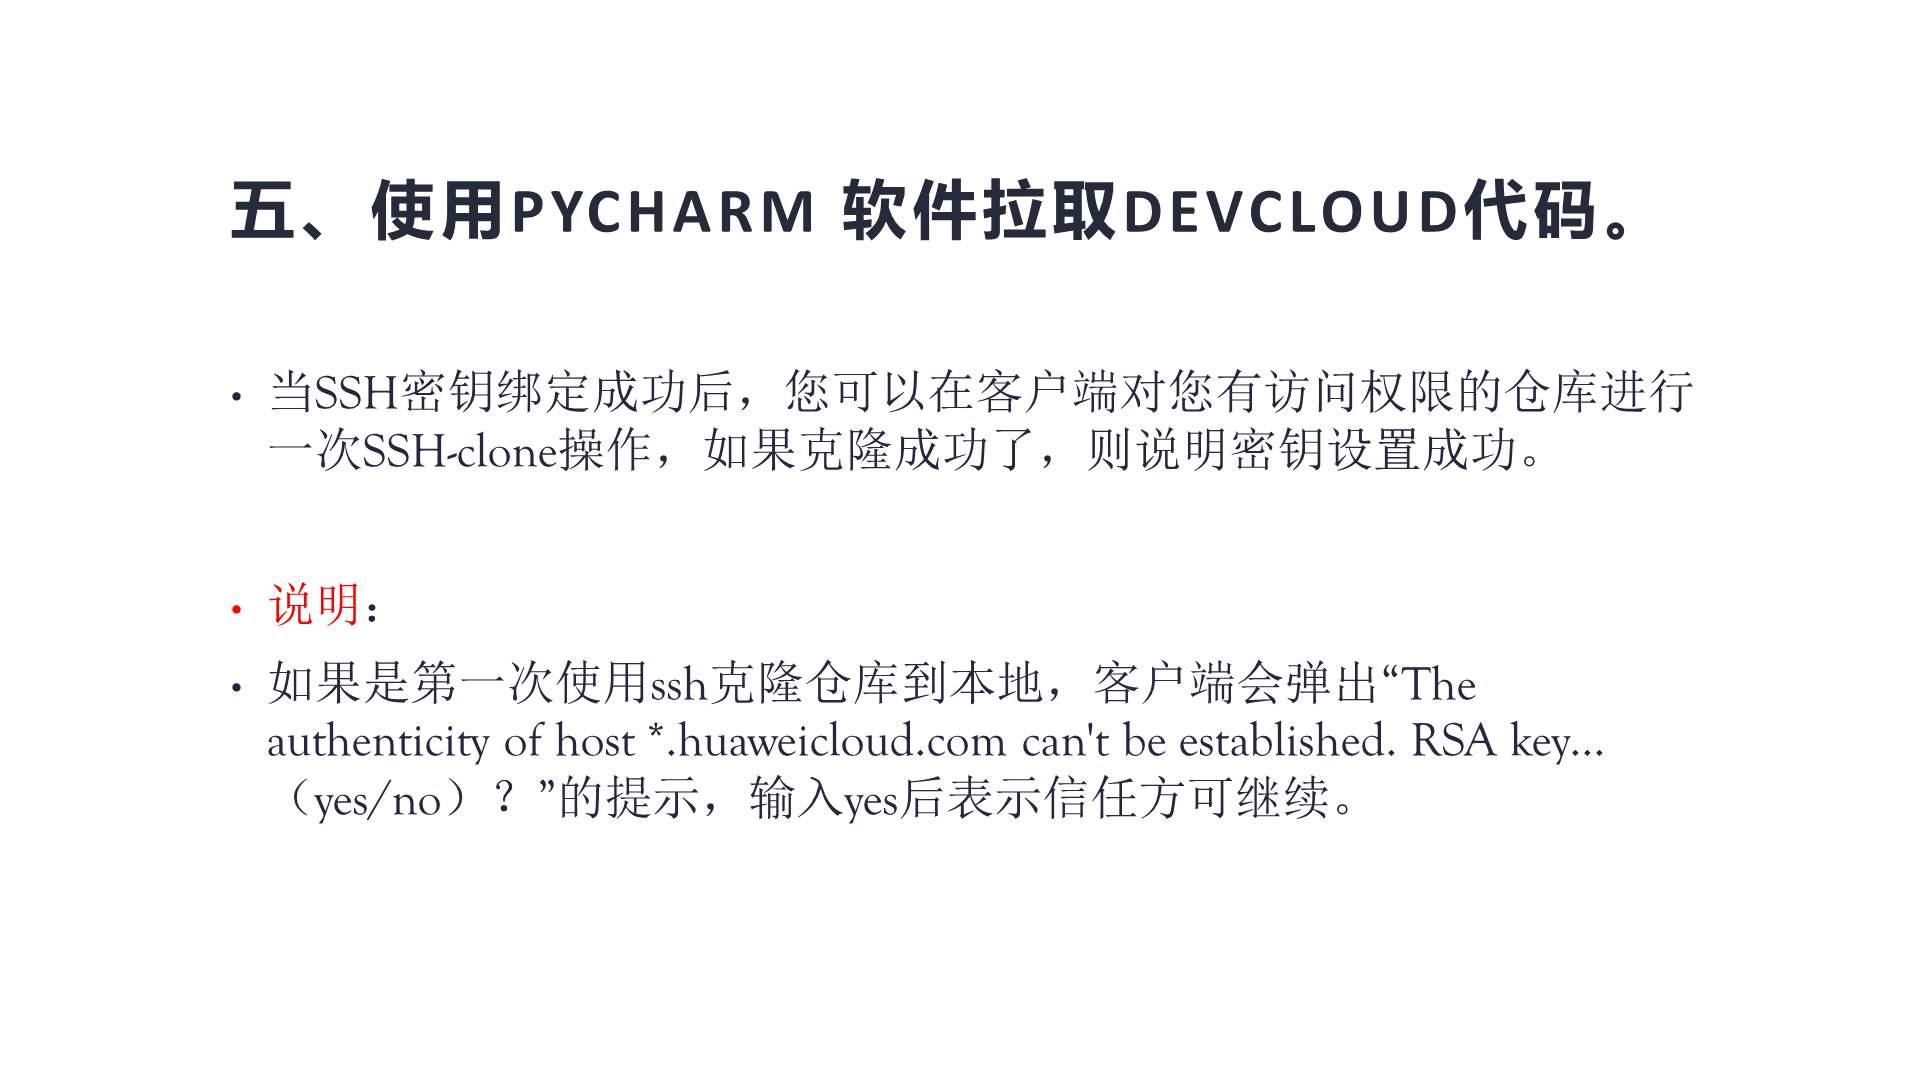 华为-DEvcloud_09.png